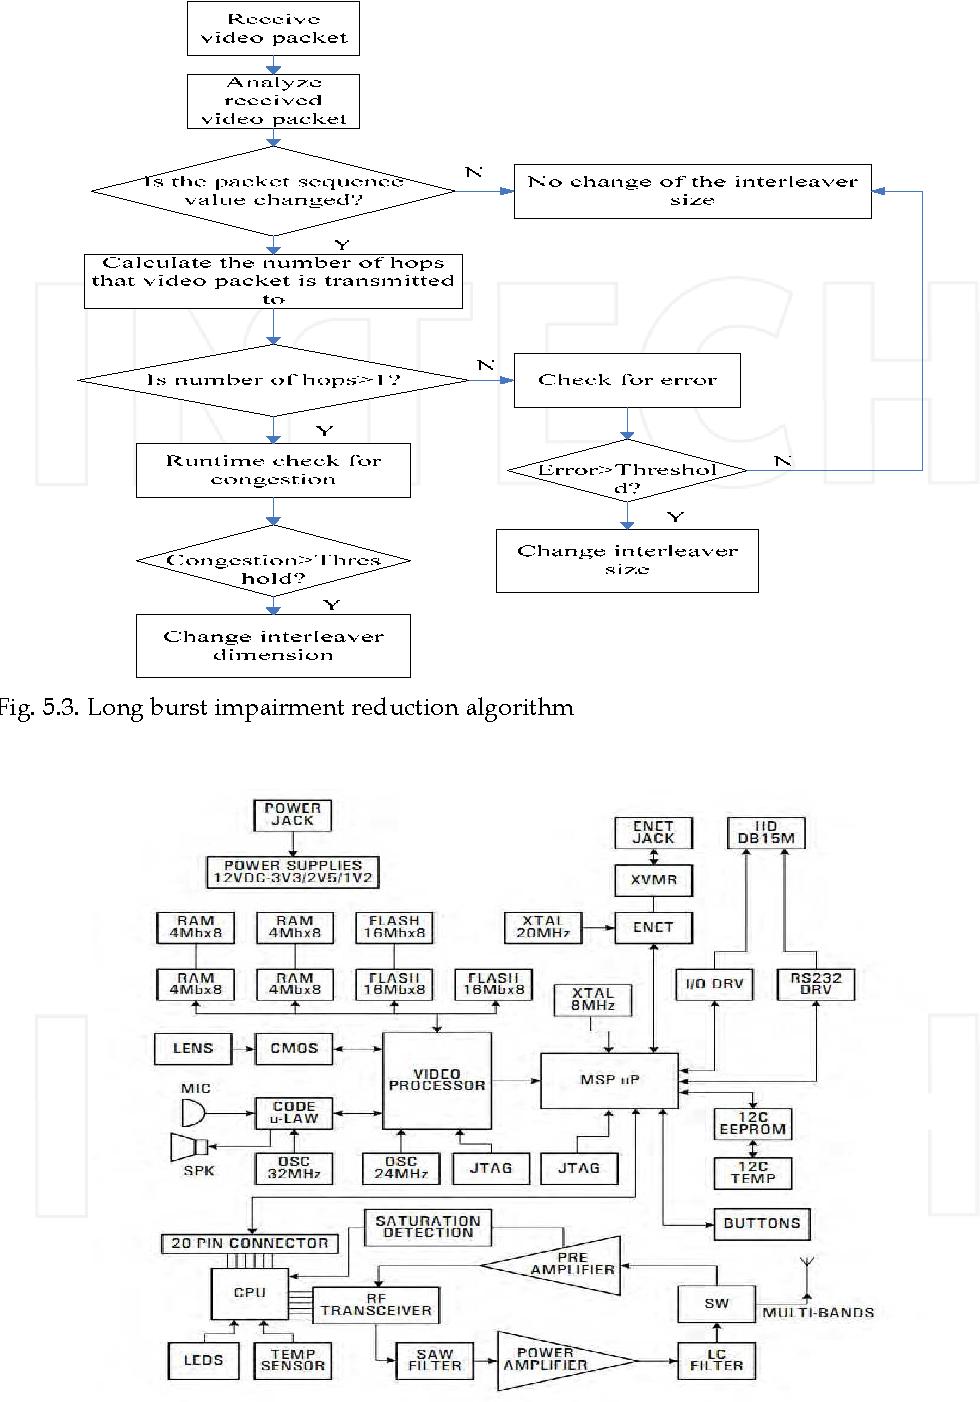 Fig. 5.3. Long burst impairment reduction algorithm